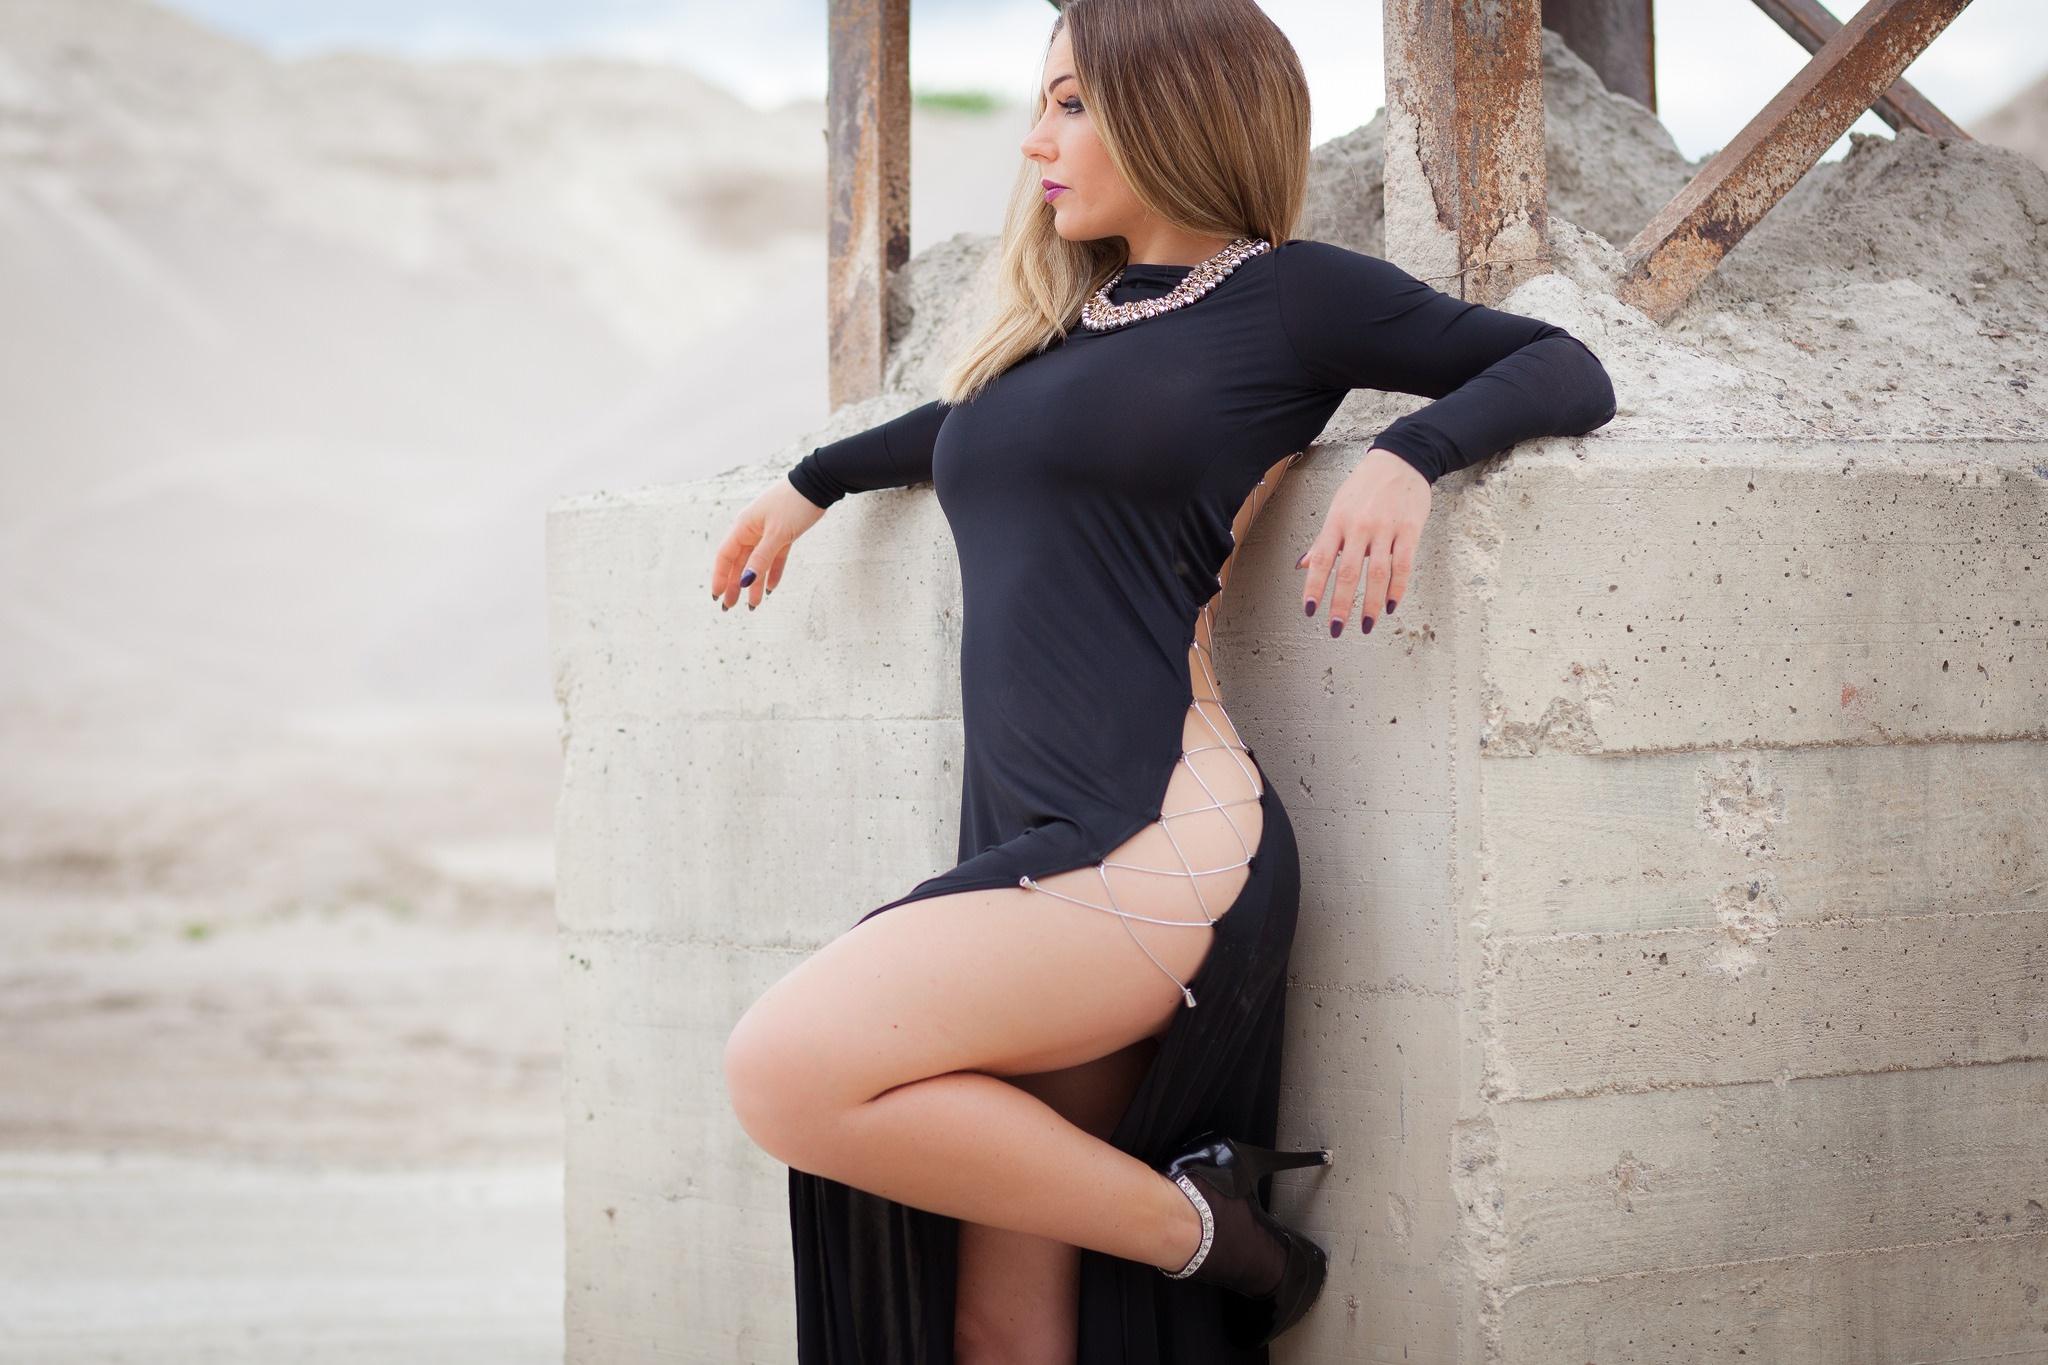 Сексуальные фигуры девушек платья, Красивые девушки в обтягивающих платьях - Zefirka 13 фотография